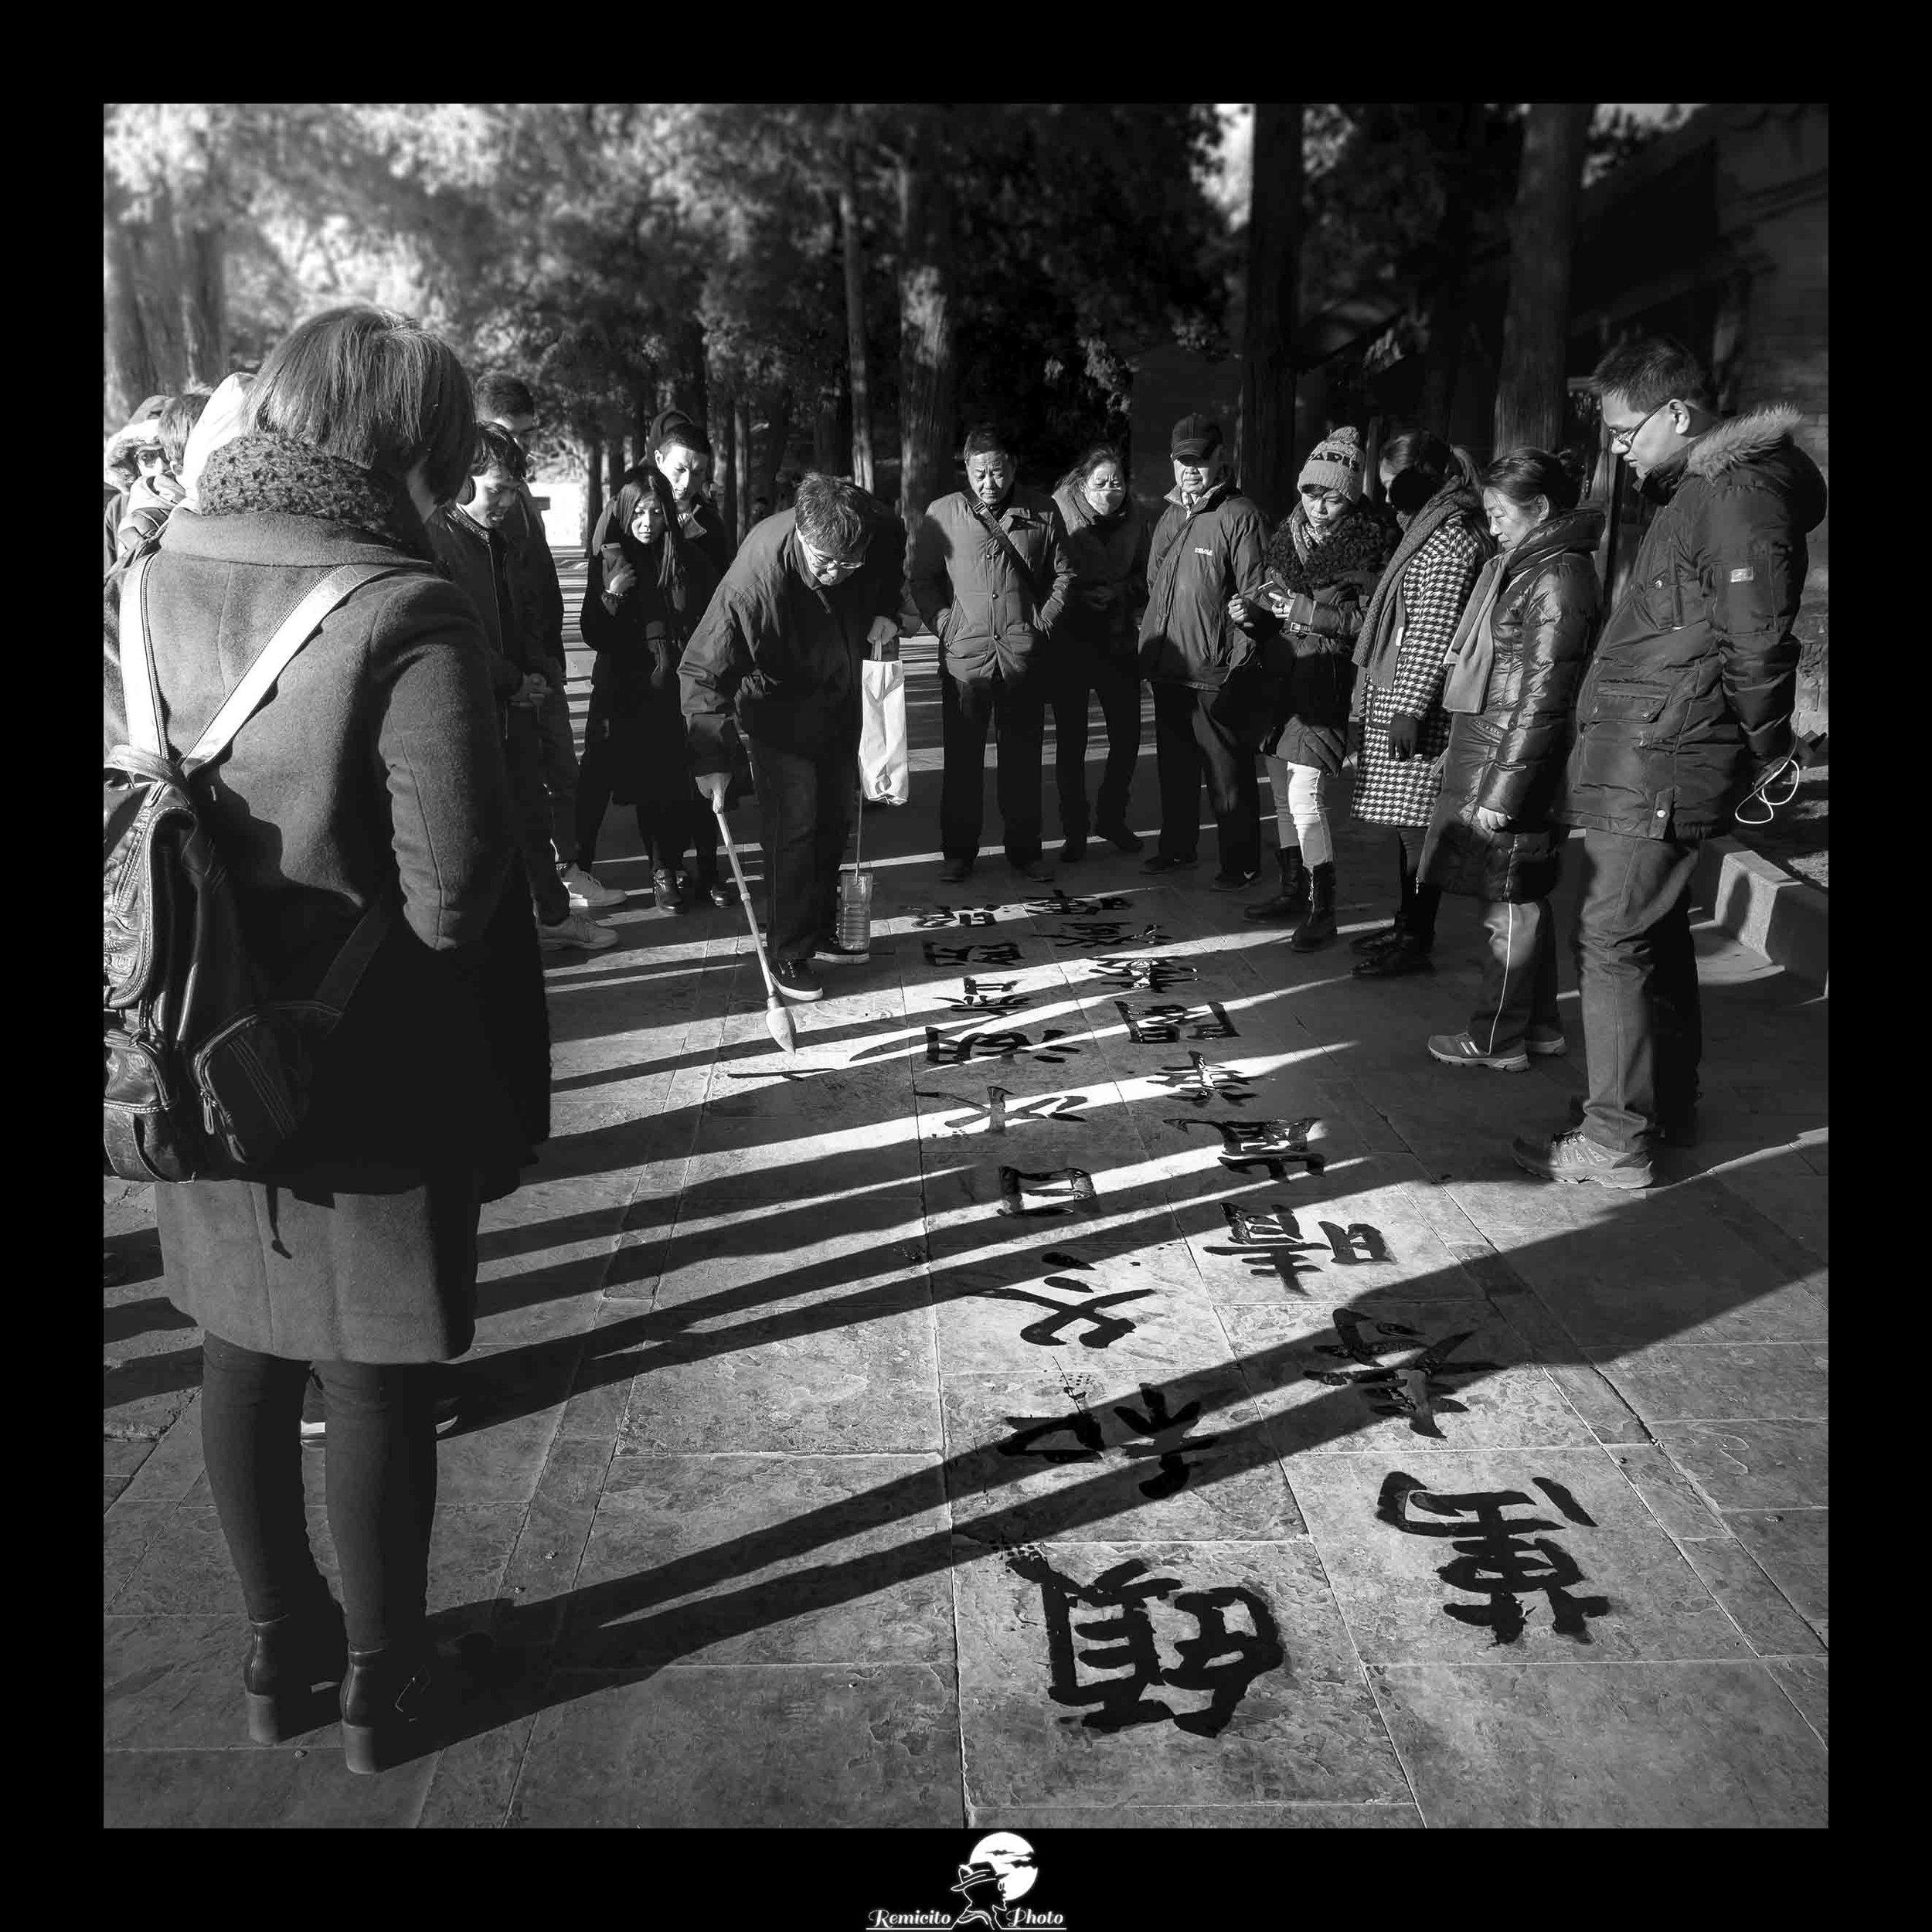 Remicito photo, remicito, image du jour, photo du jour, photo of the day, belle photo écriture chine, belle photo idée cadeau voyage noir et blanc, belle photo noir et blanc chine pékin